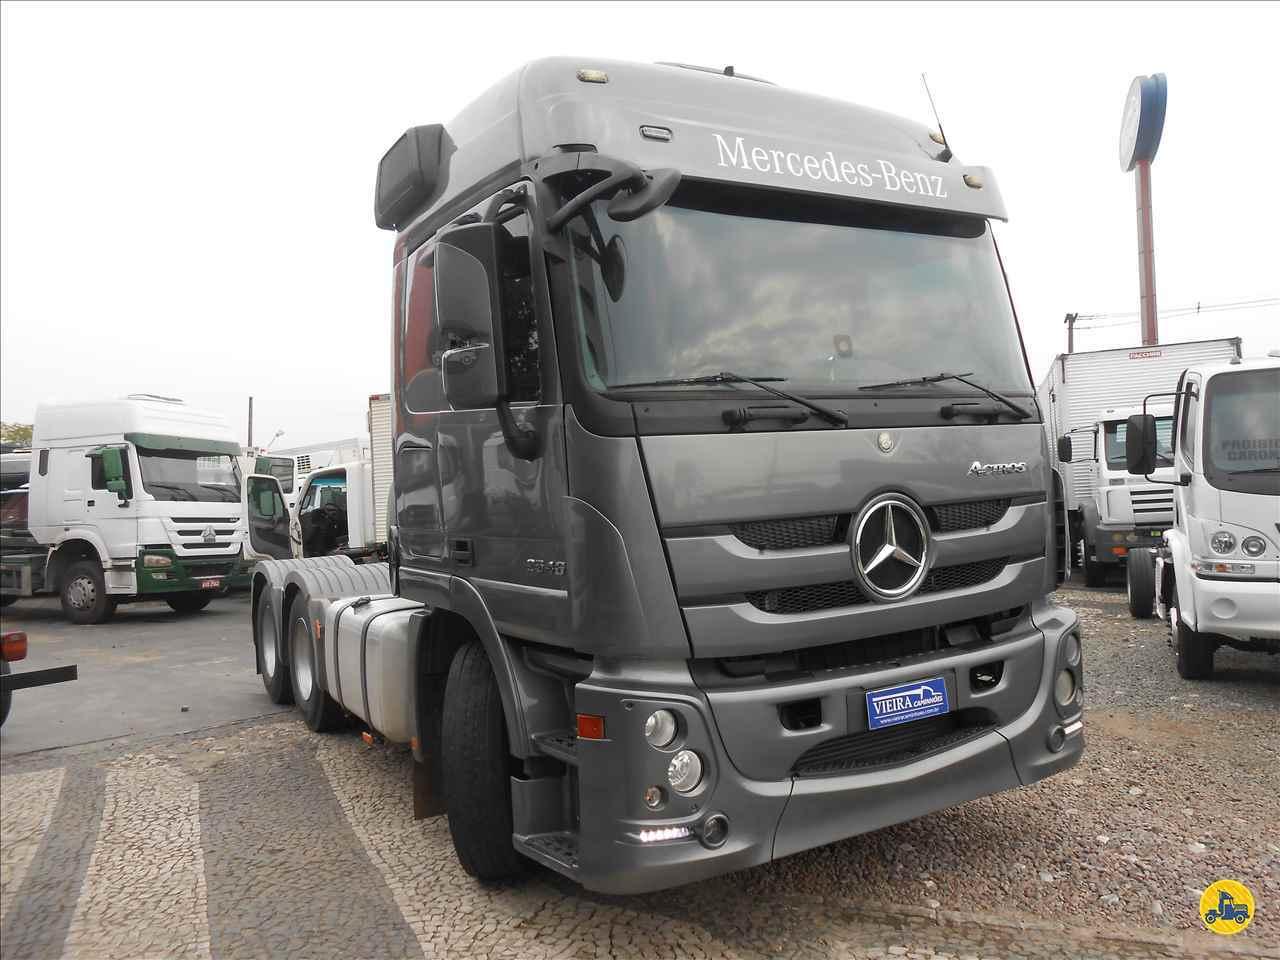 CAMINHAO MERCEDES-BENZ MB 2644 Cavalo Mecânico Truck 6x2 Vieira Caminhões CURITIBA PARANÁ PR